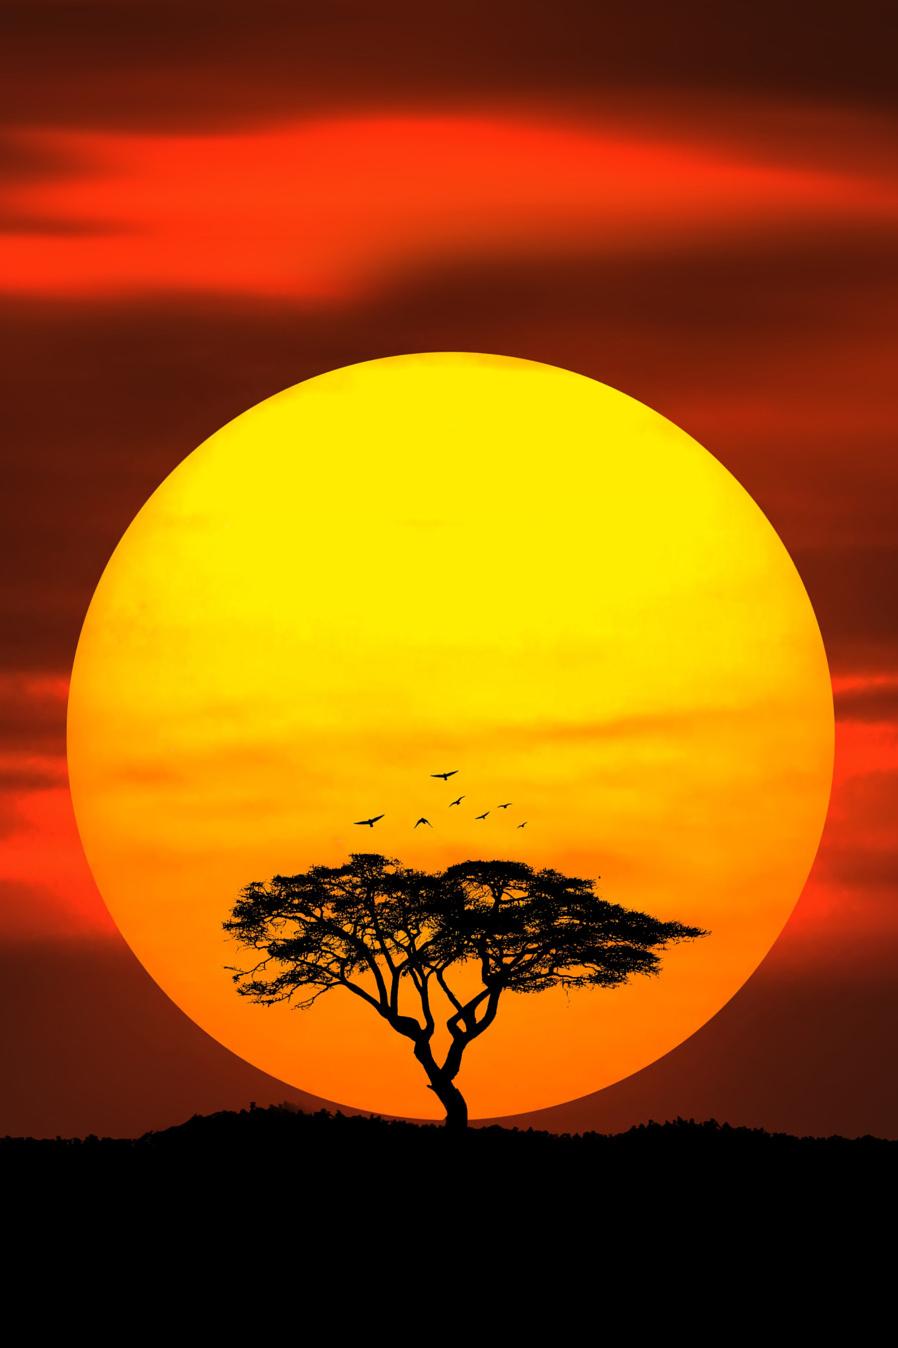 savannah tree sun birds red sky